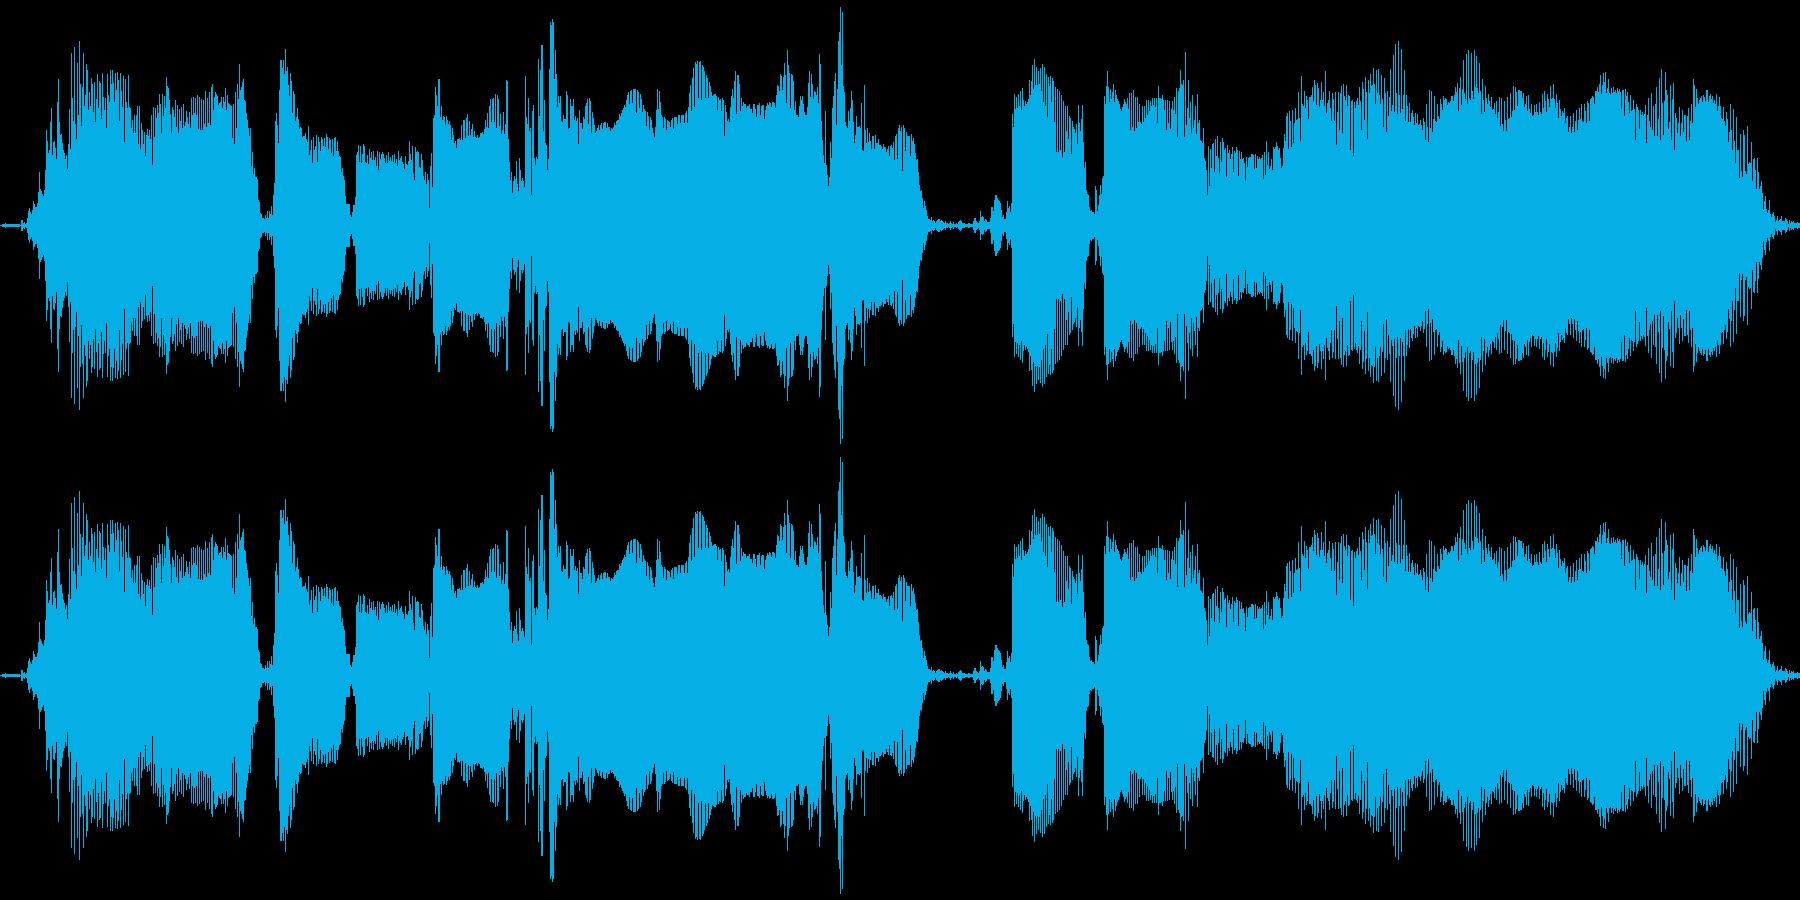 【エレキギター】ワ~クァクァクァクワ~の再生済みの波形